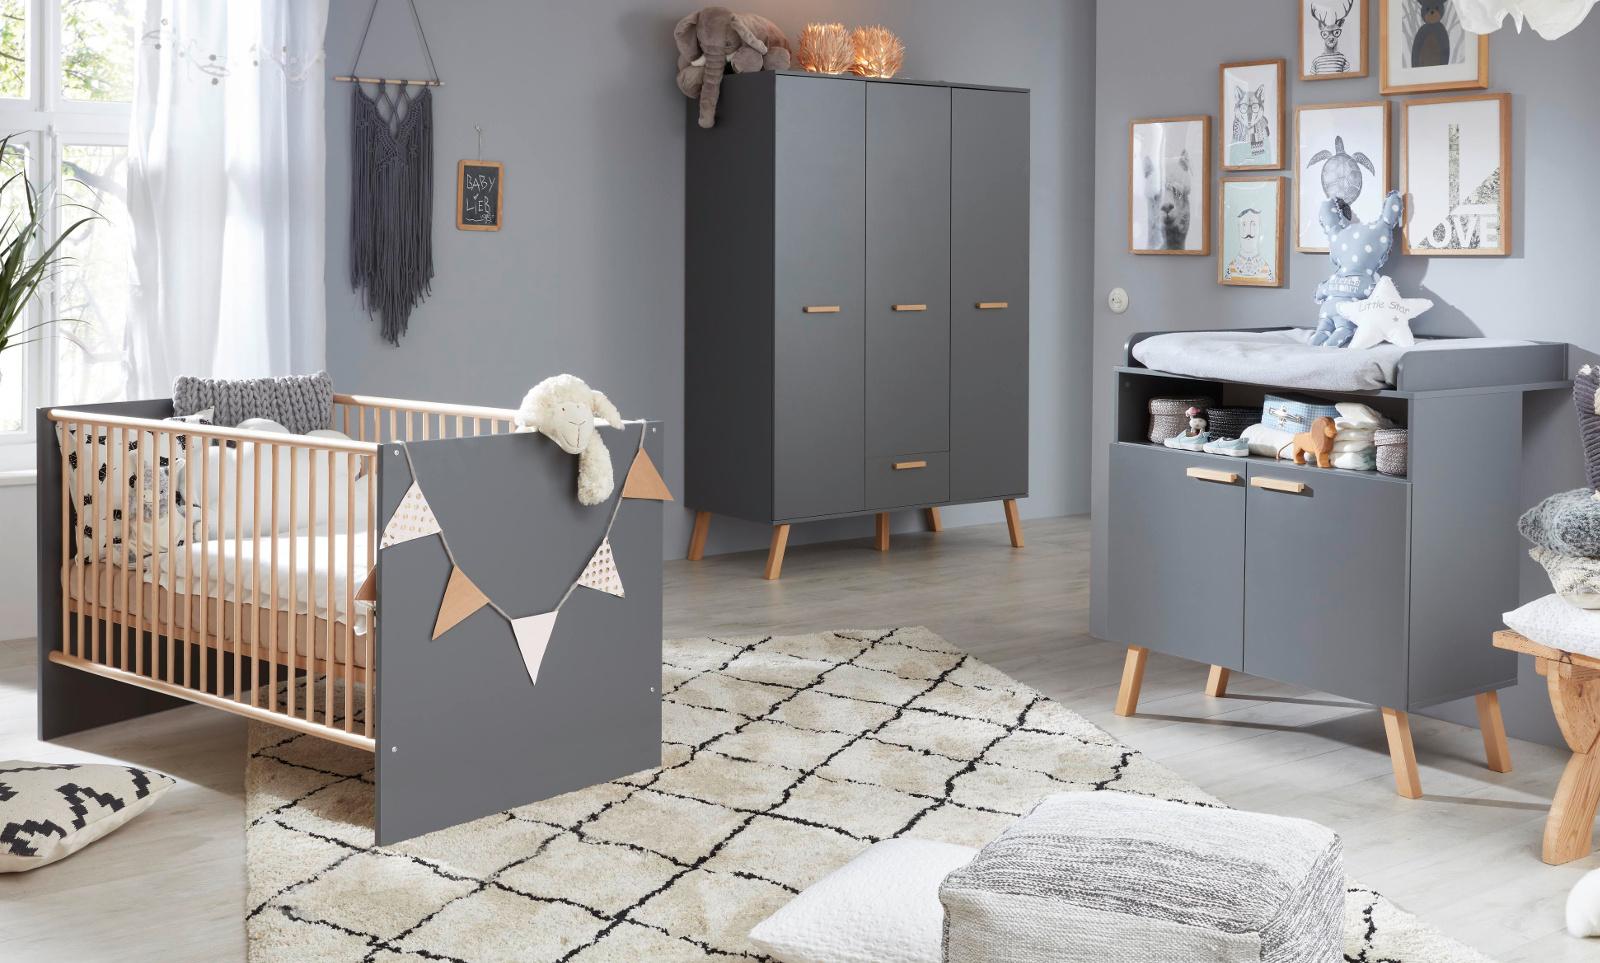 dielenschrank fichte massiv landhausstil g nstige m bel. Black Bedroom Furniture Sets. Home Design Ideas